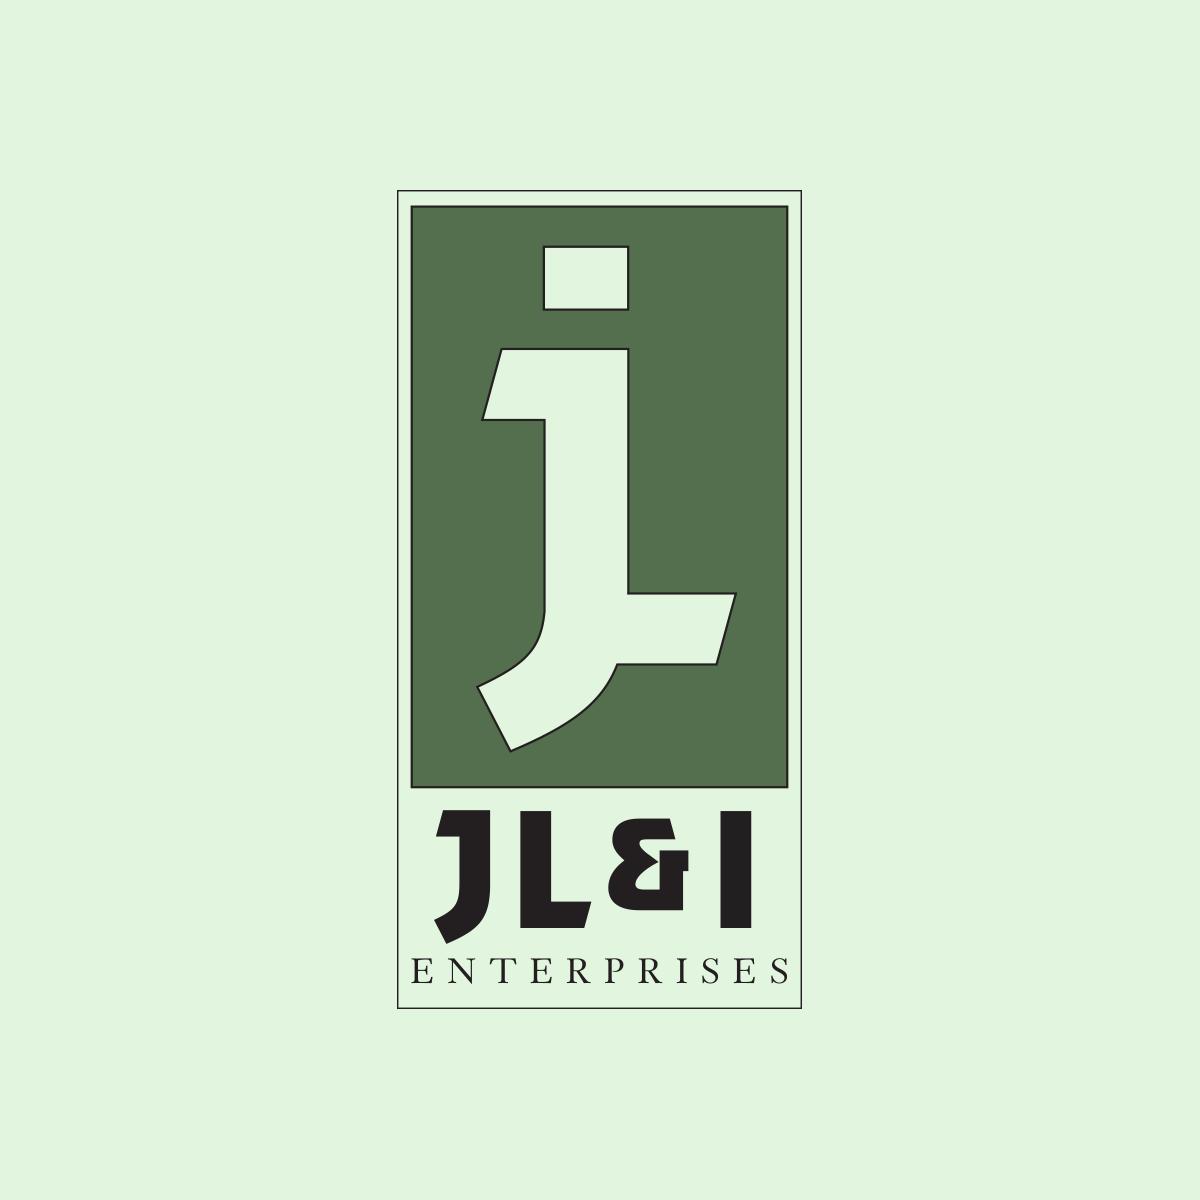 jli.png